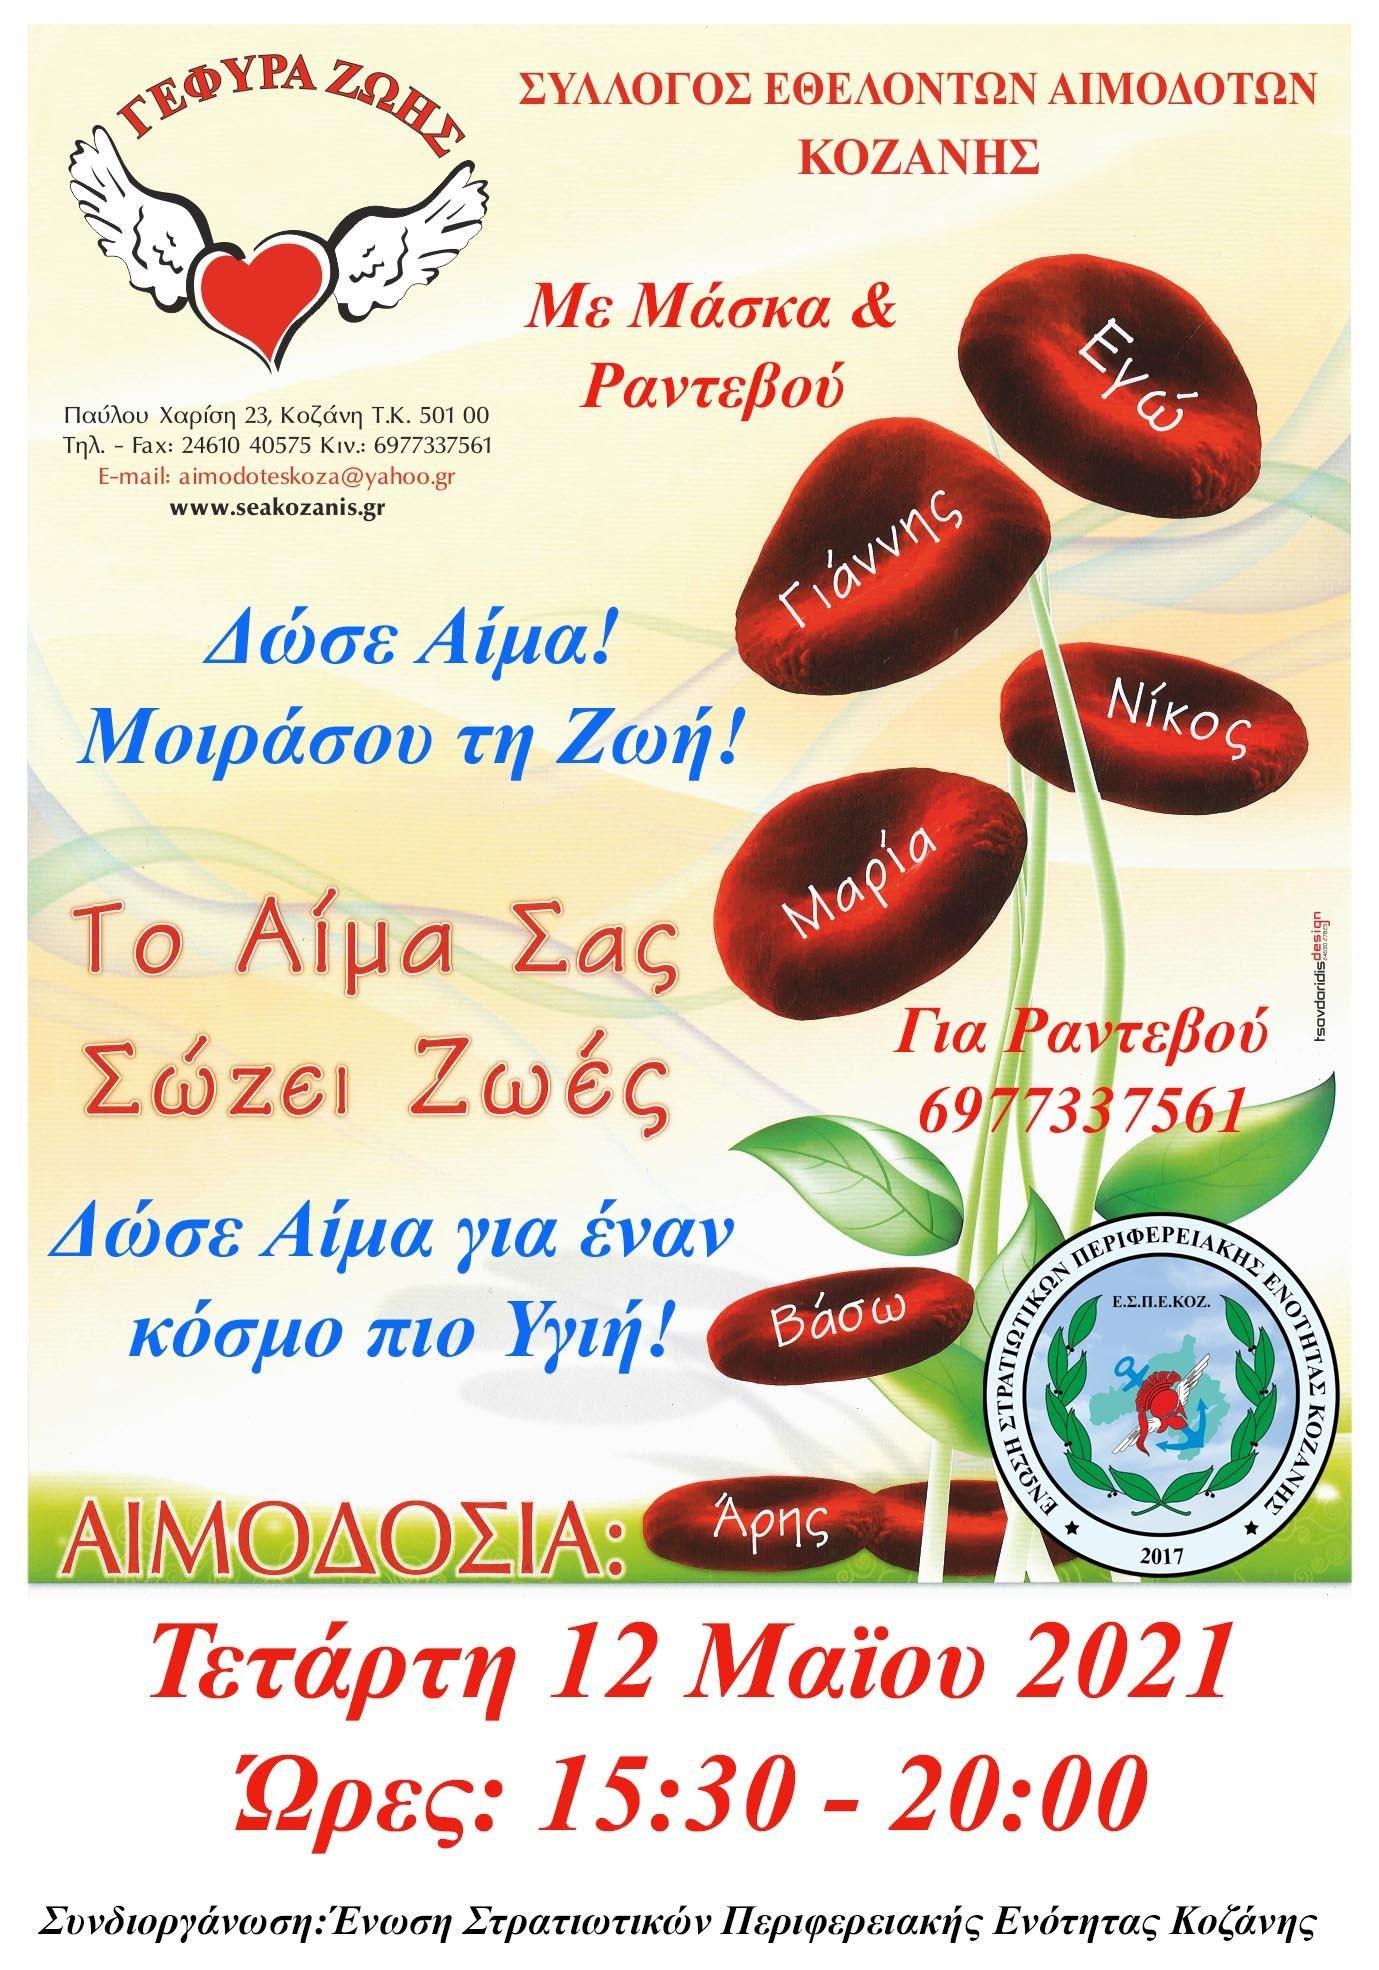 14η Αιμοδοσία του 2021 του Συλλόγου Εθελοντών Αιμοδοτών Κοζάνης